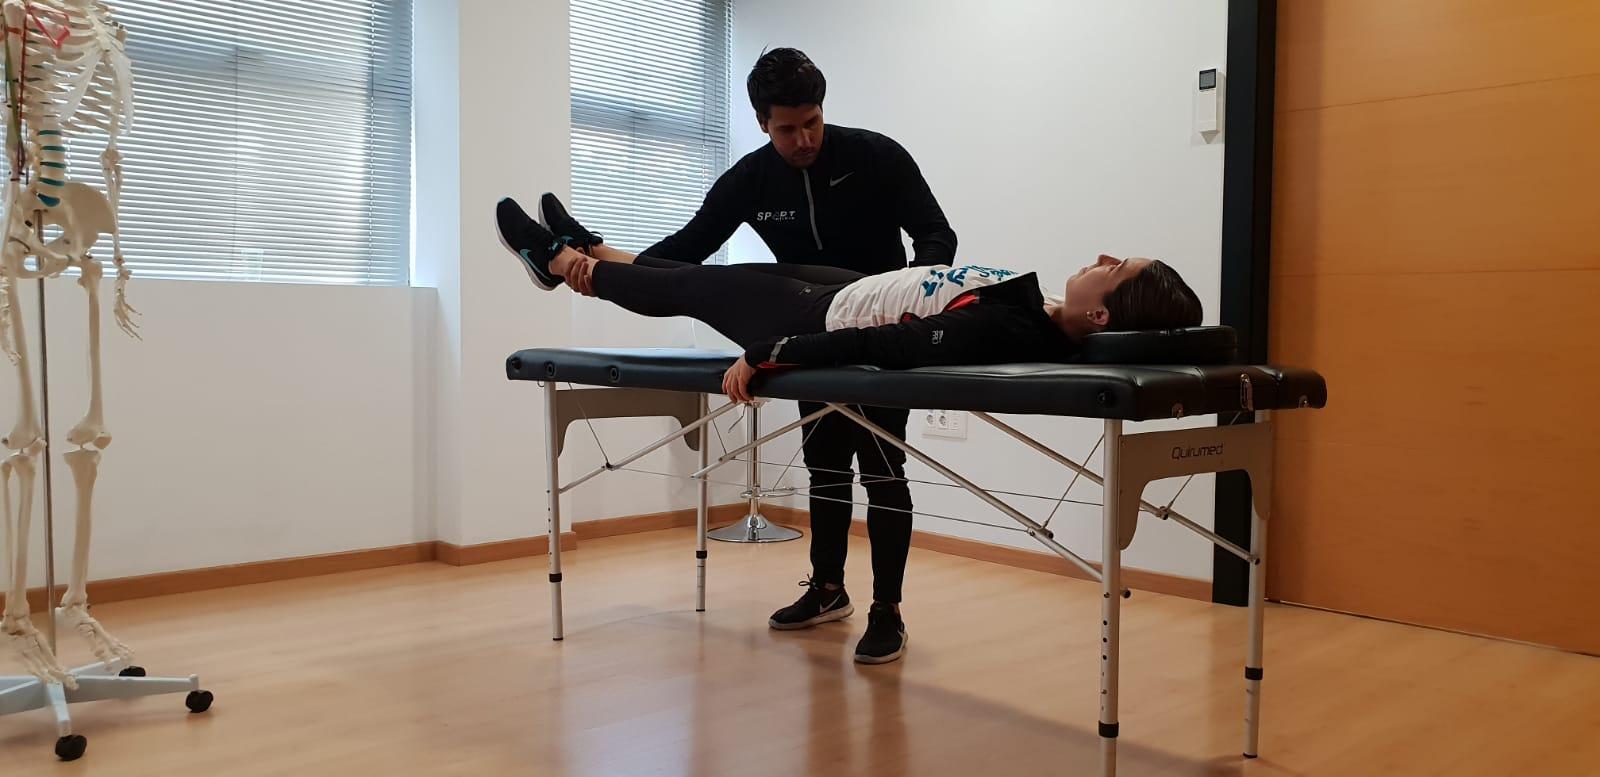 Readaptación física y funcional, disciplinas en auge